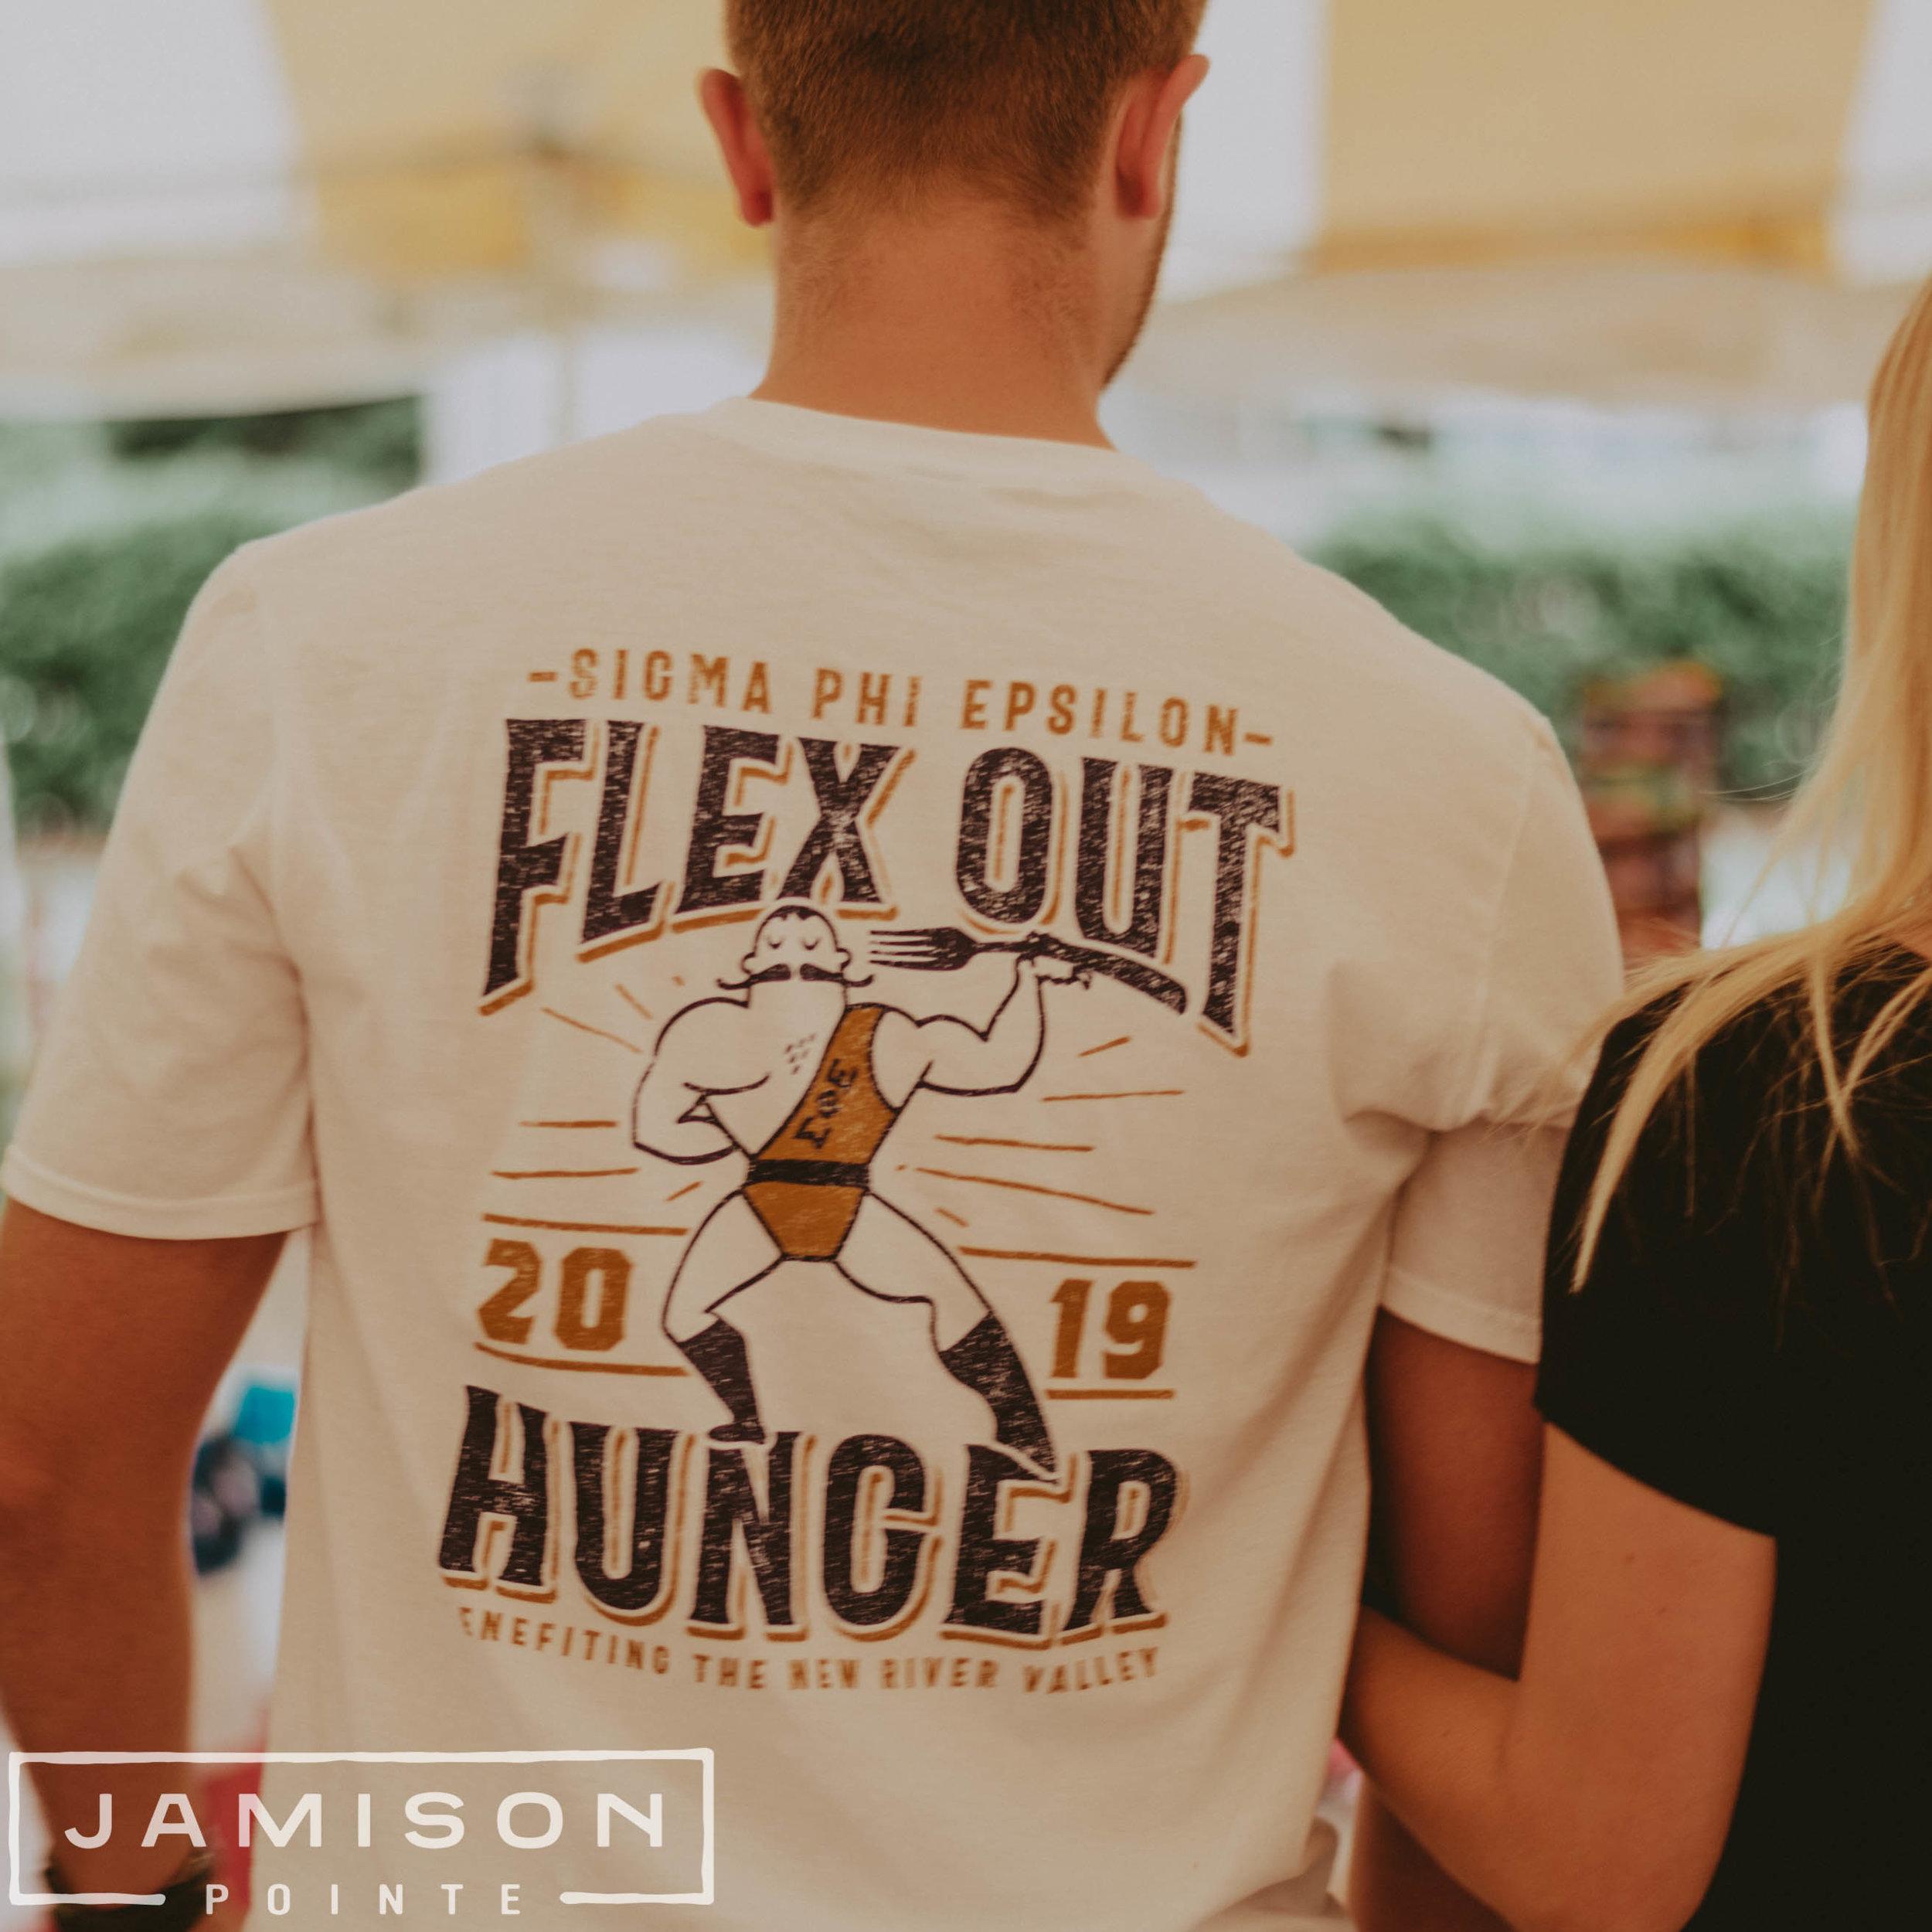 Sig Ep Flex Out Hunger T-shirt